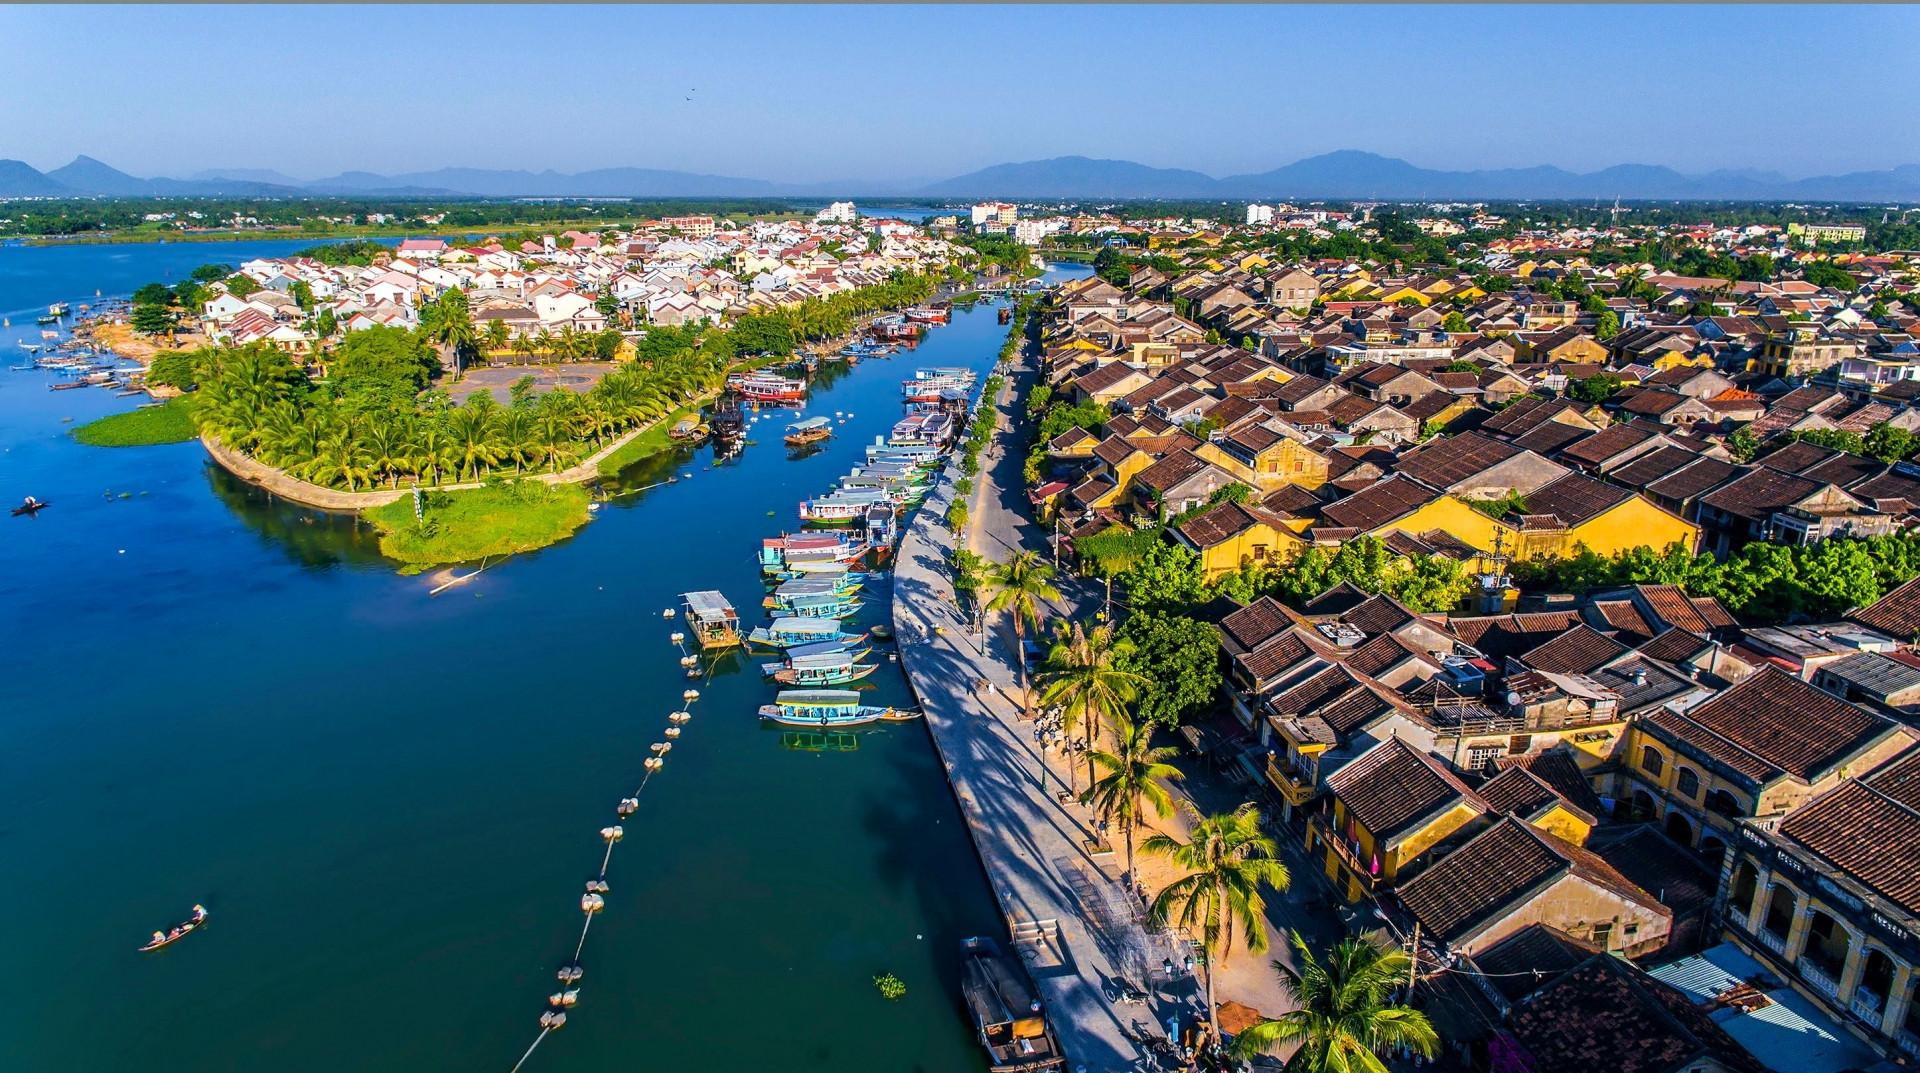 Hơn 5.700 tỷ đồng đang chảy vào 59 dự án giao thông này tại Quảng Nam năm 2021, có đường đi cảng Kỳ Hà và sân bay Chu Lai - Ảnh 1.